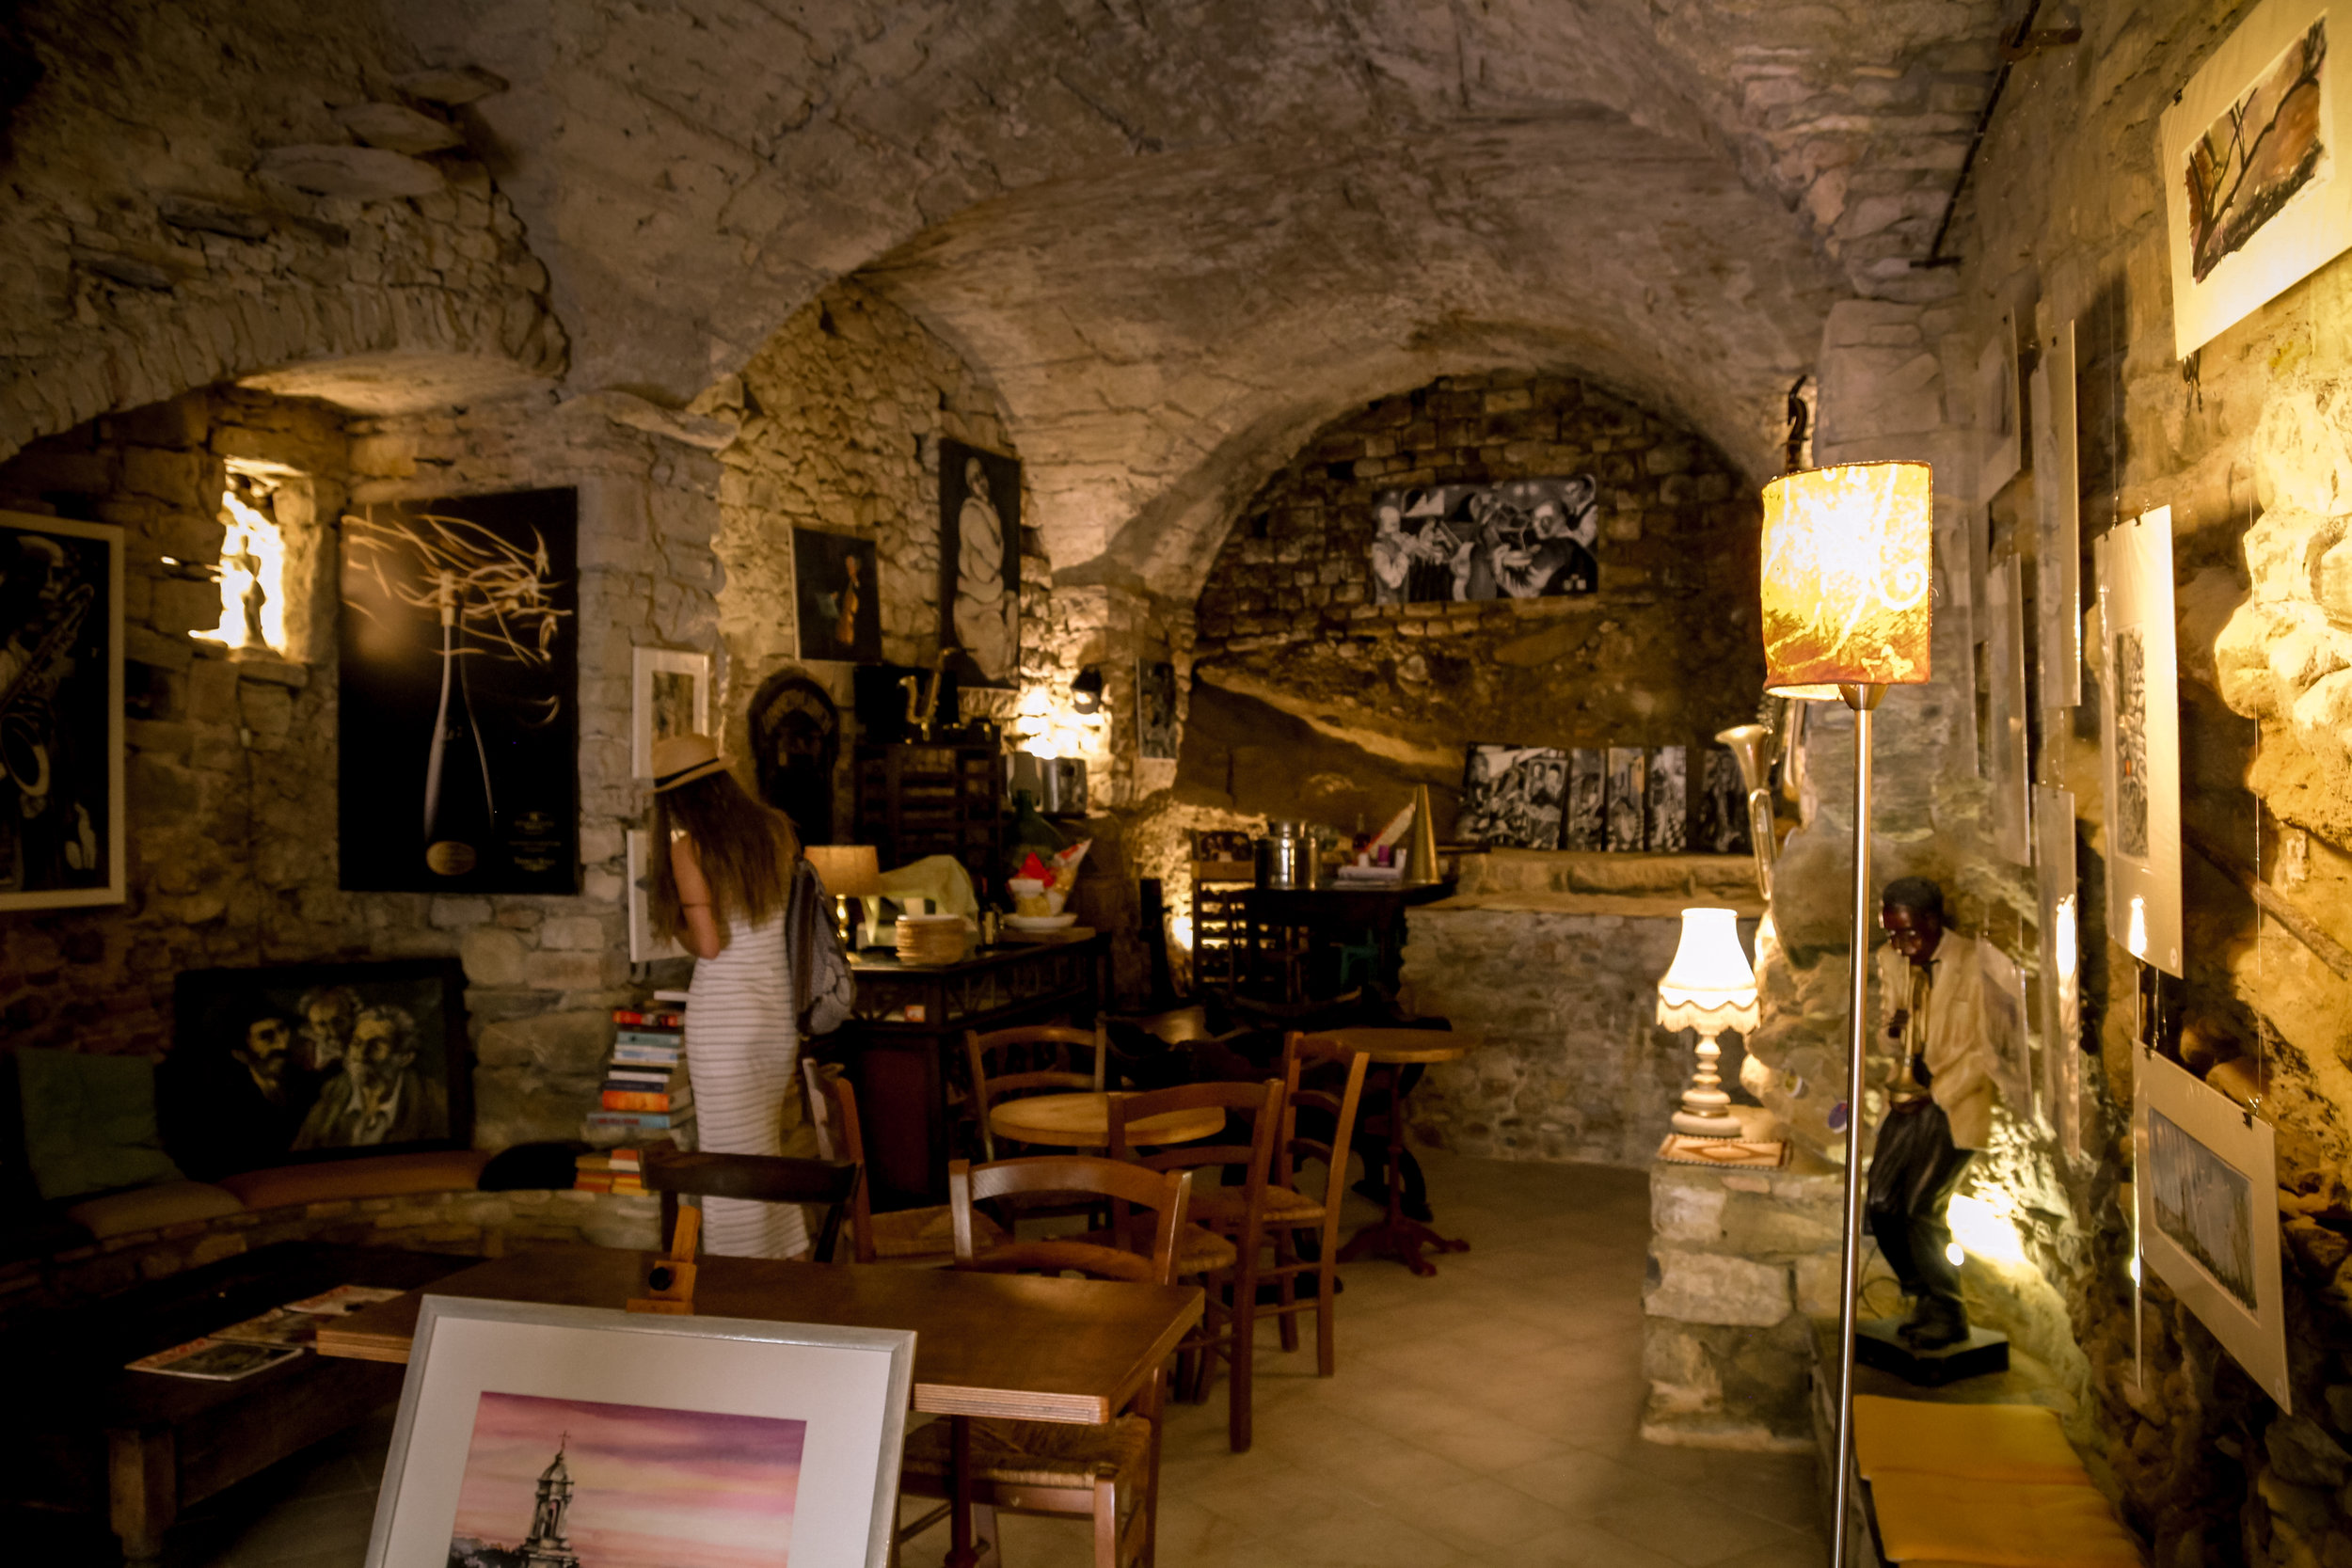 bussana vecchia jazz bar